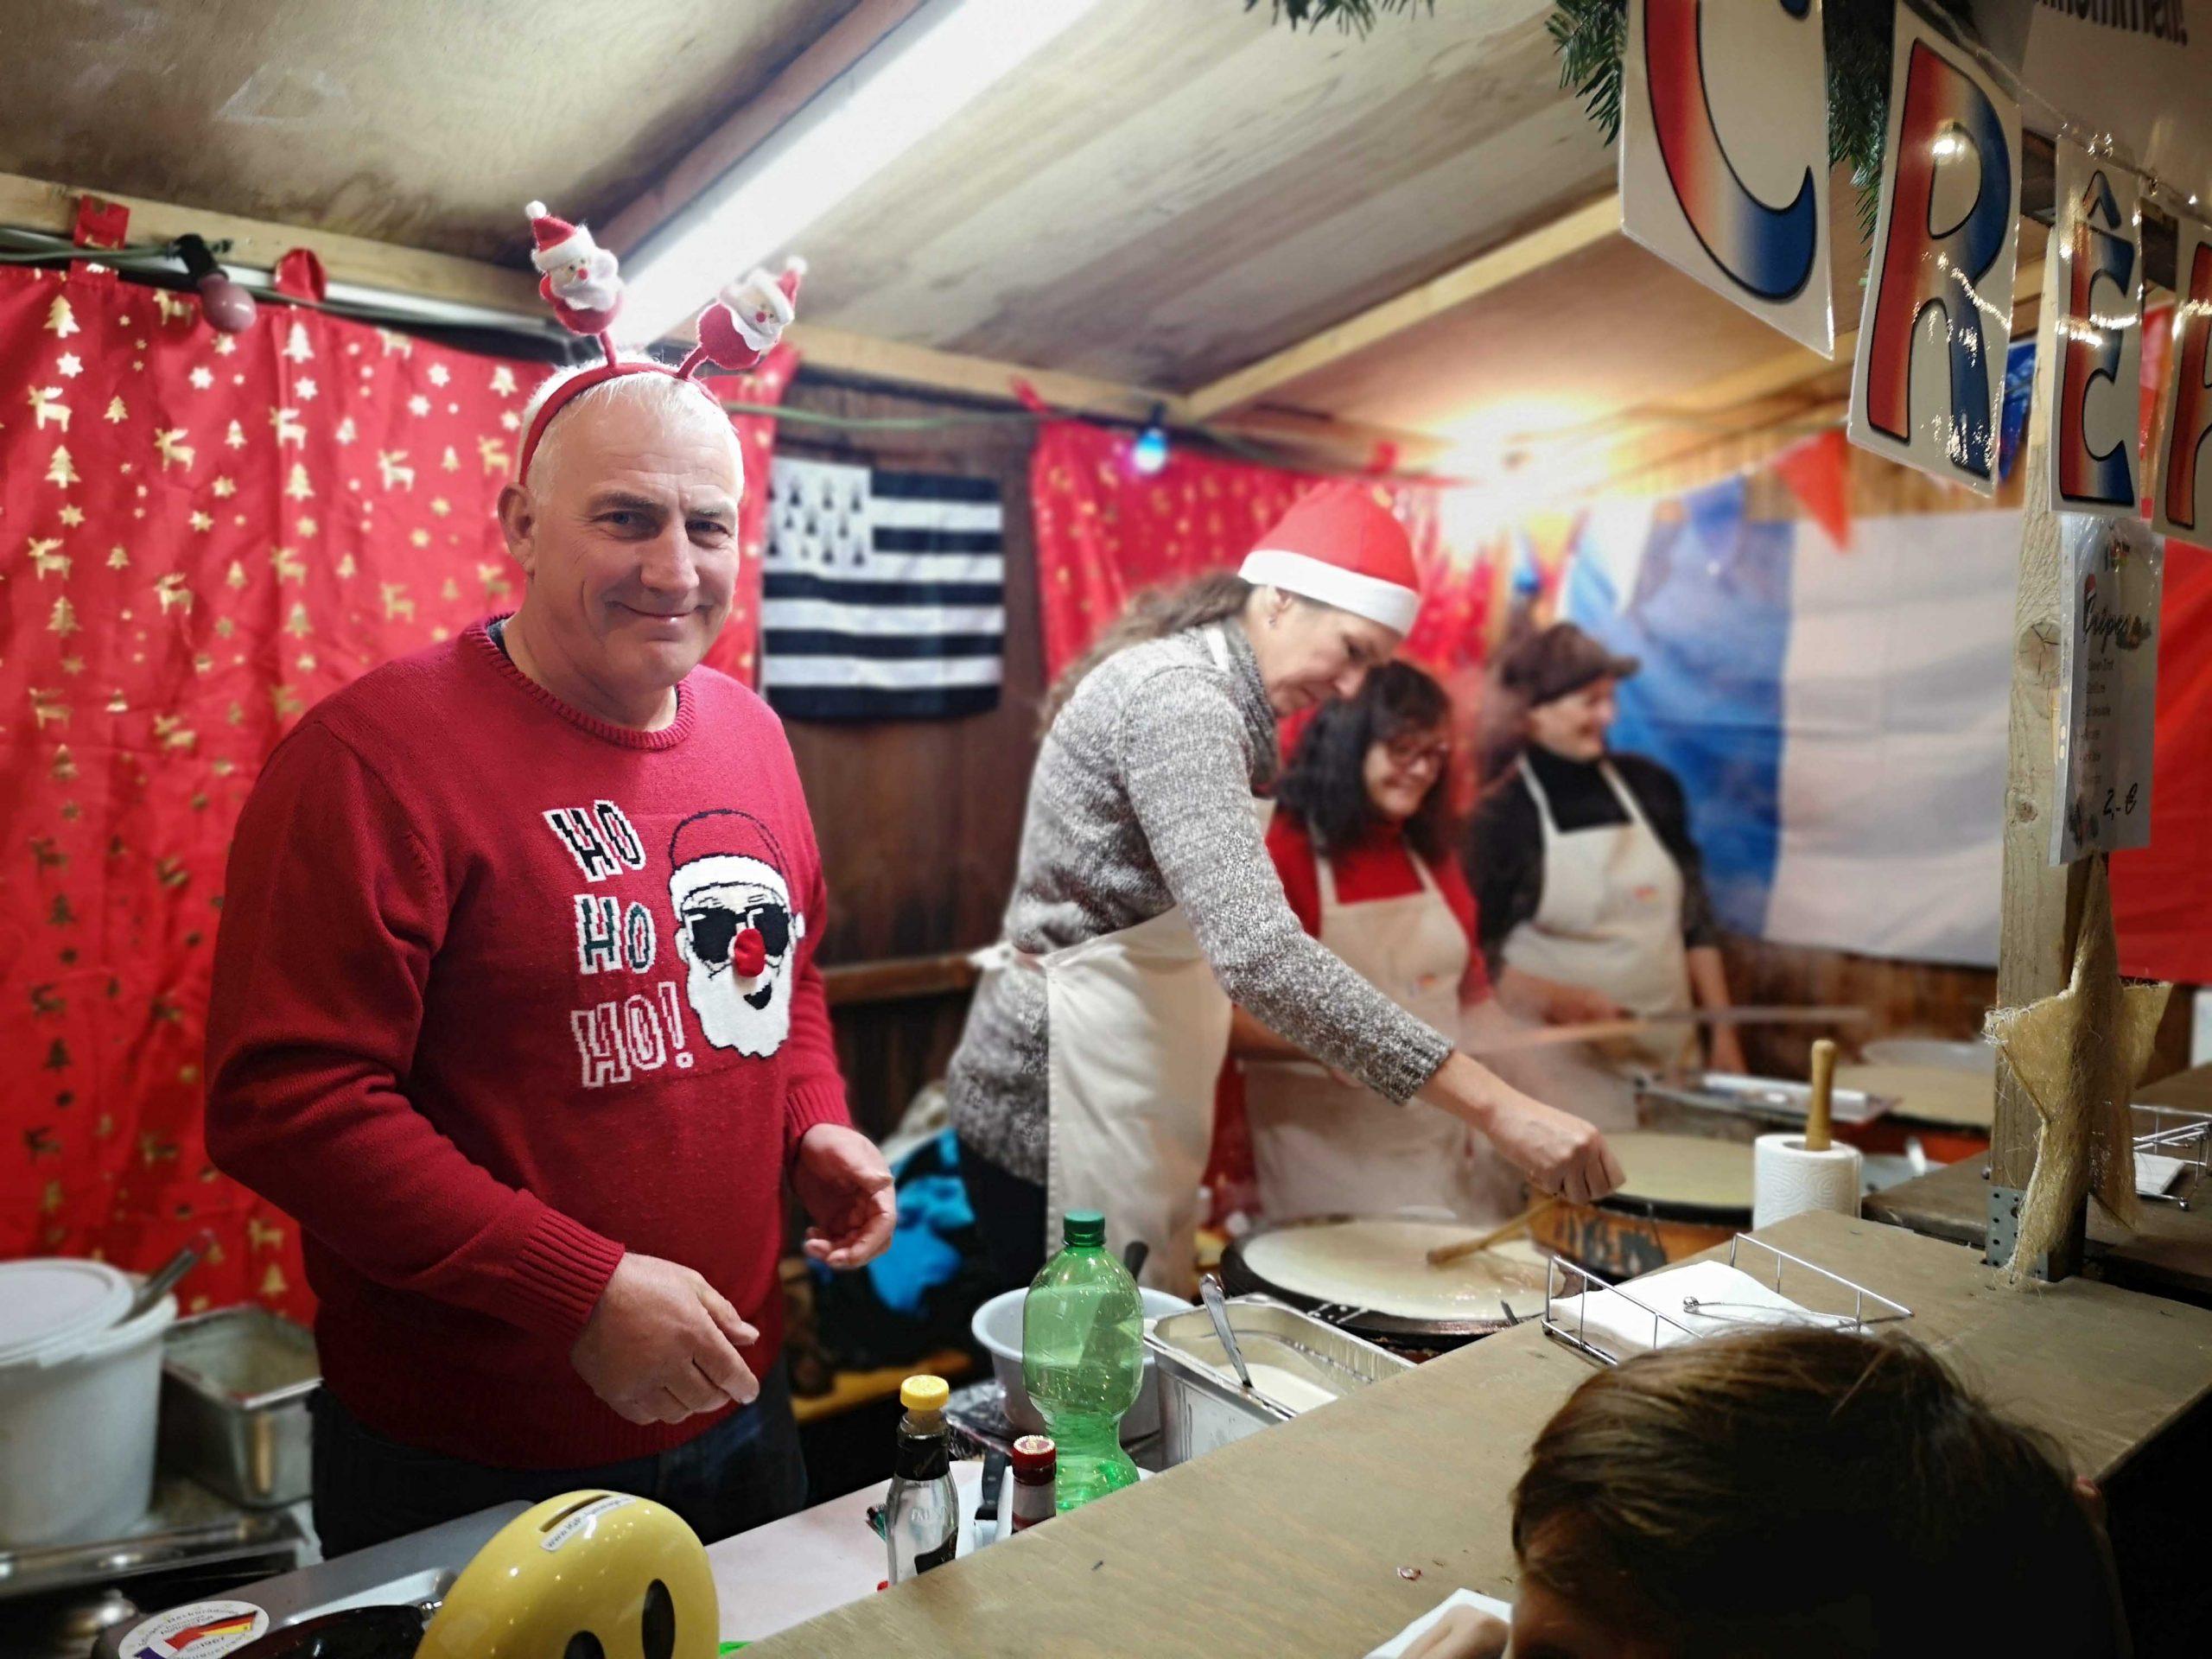 Die Mitglieder der IGP e.V. bereiten auf dem Kinderweihnachtsmarkt Crêpes zu.